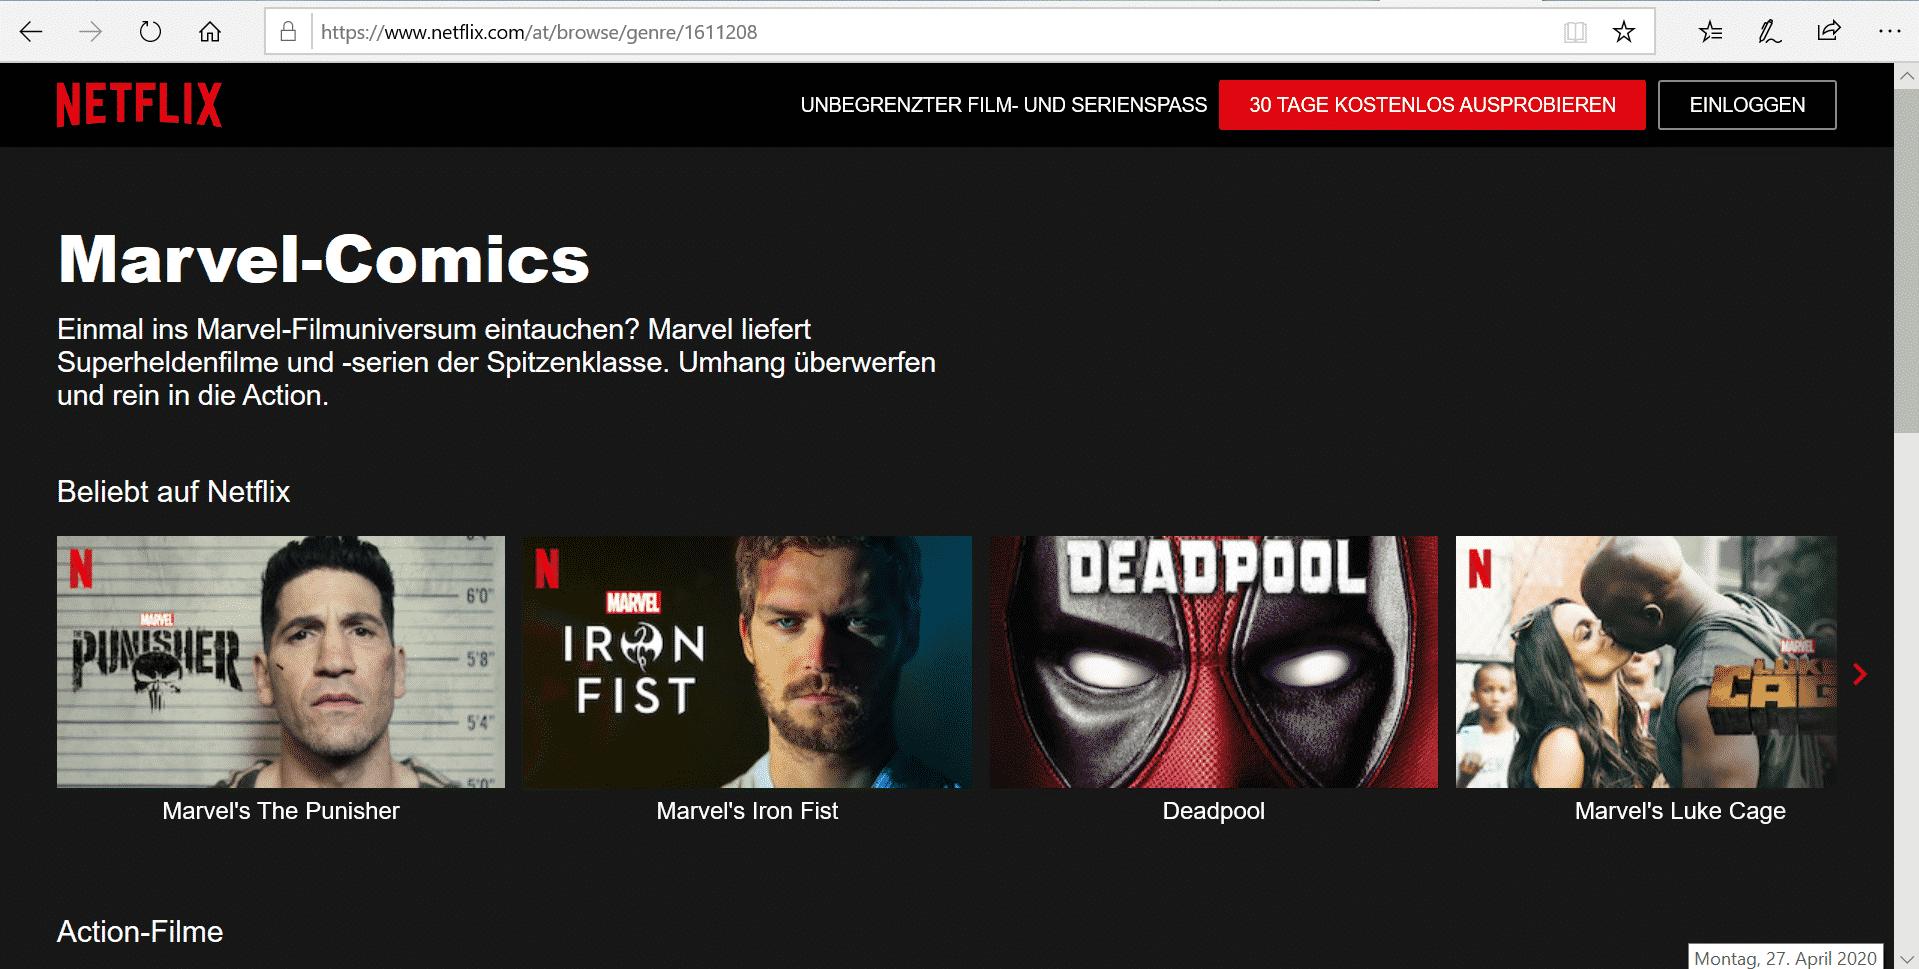 Netflix Marvel bietet einiges